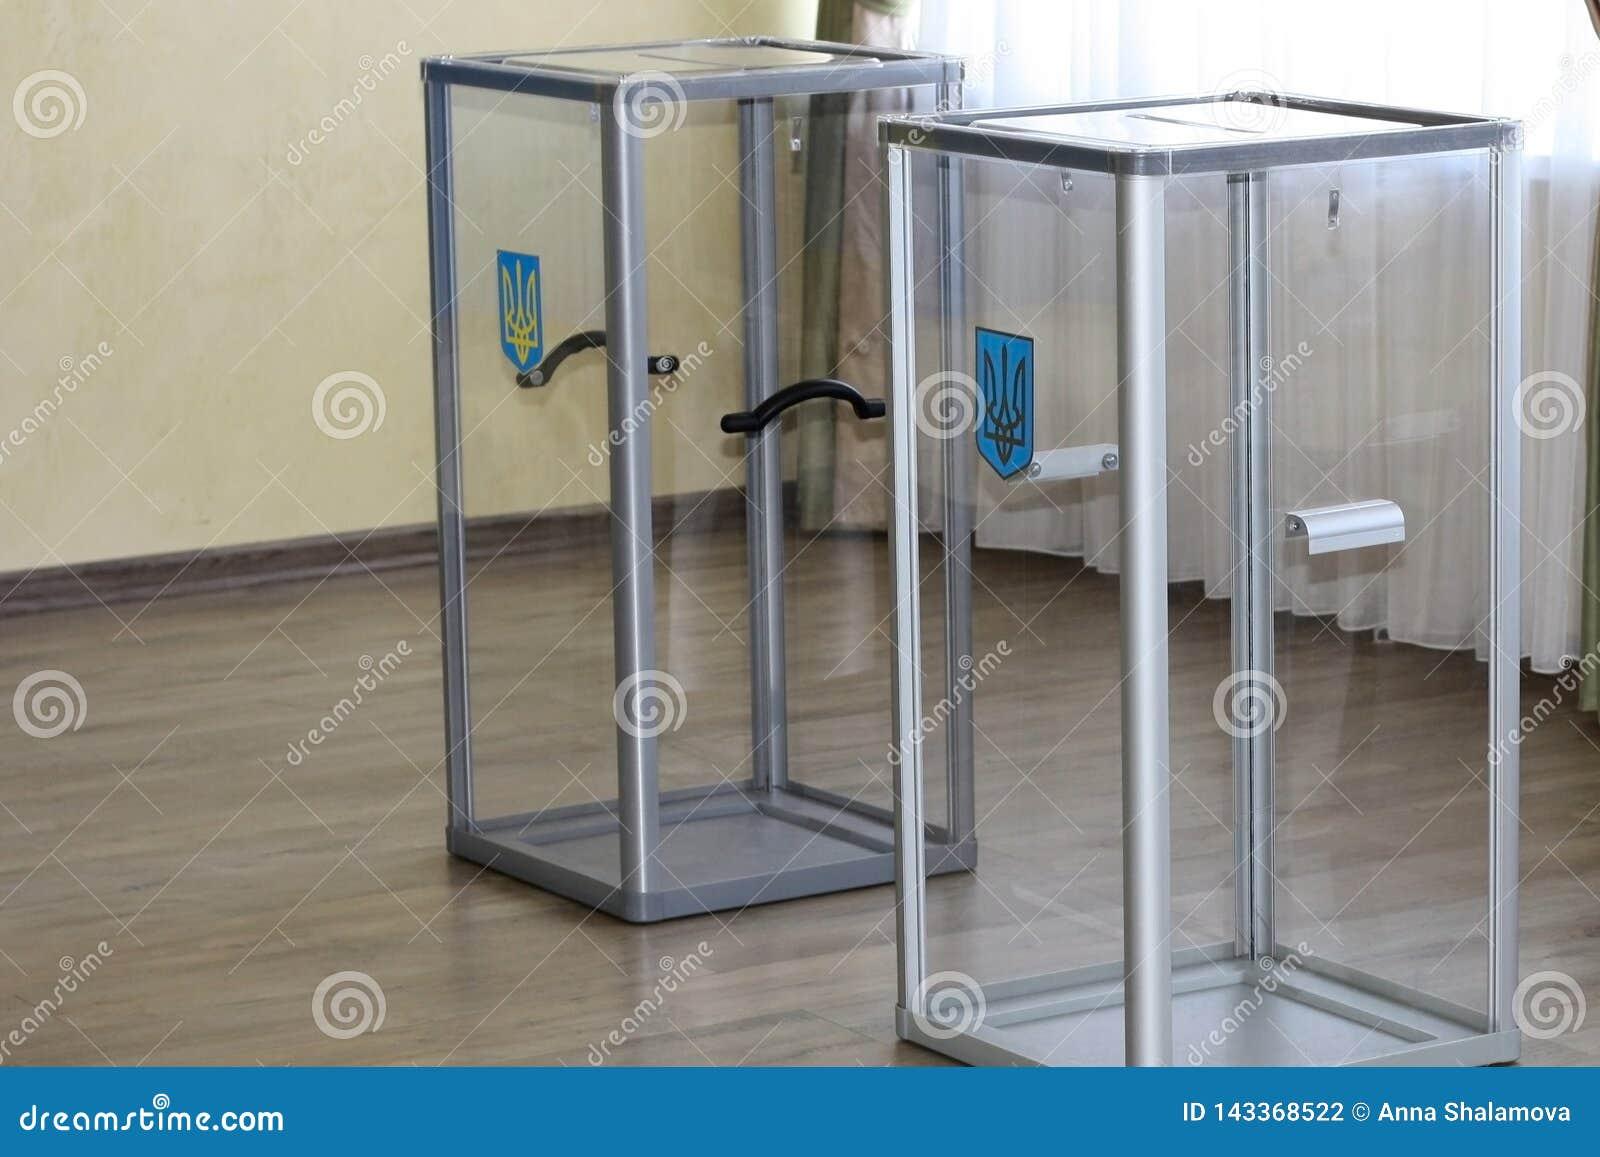 Urnes en verre transparentes avec un manteau des bras au bureau de vote pendant les élections pour la présidence de l Ukraine ded